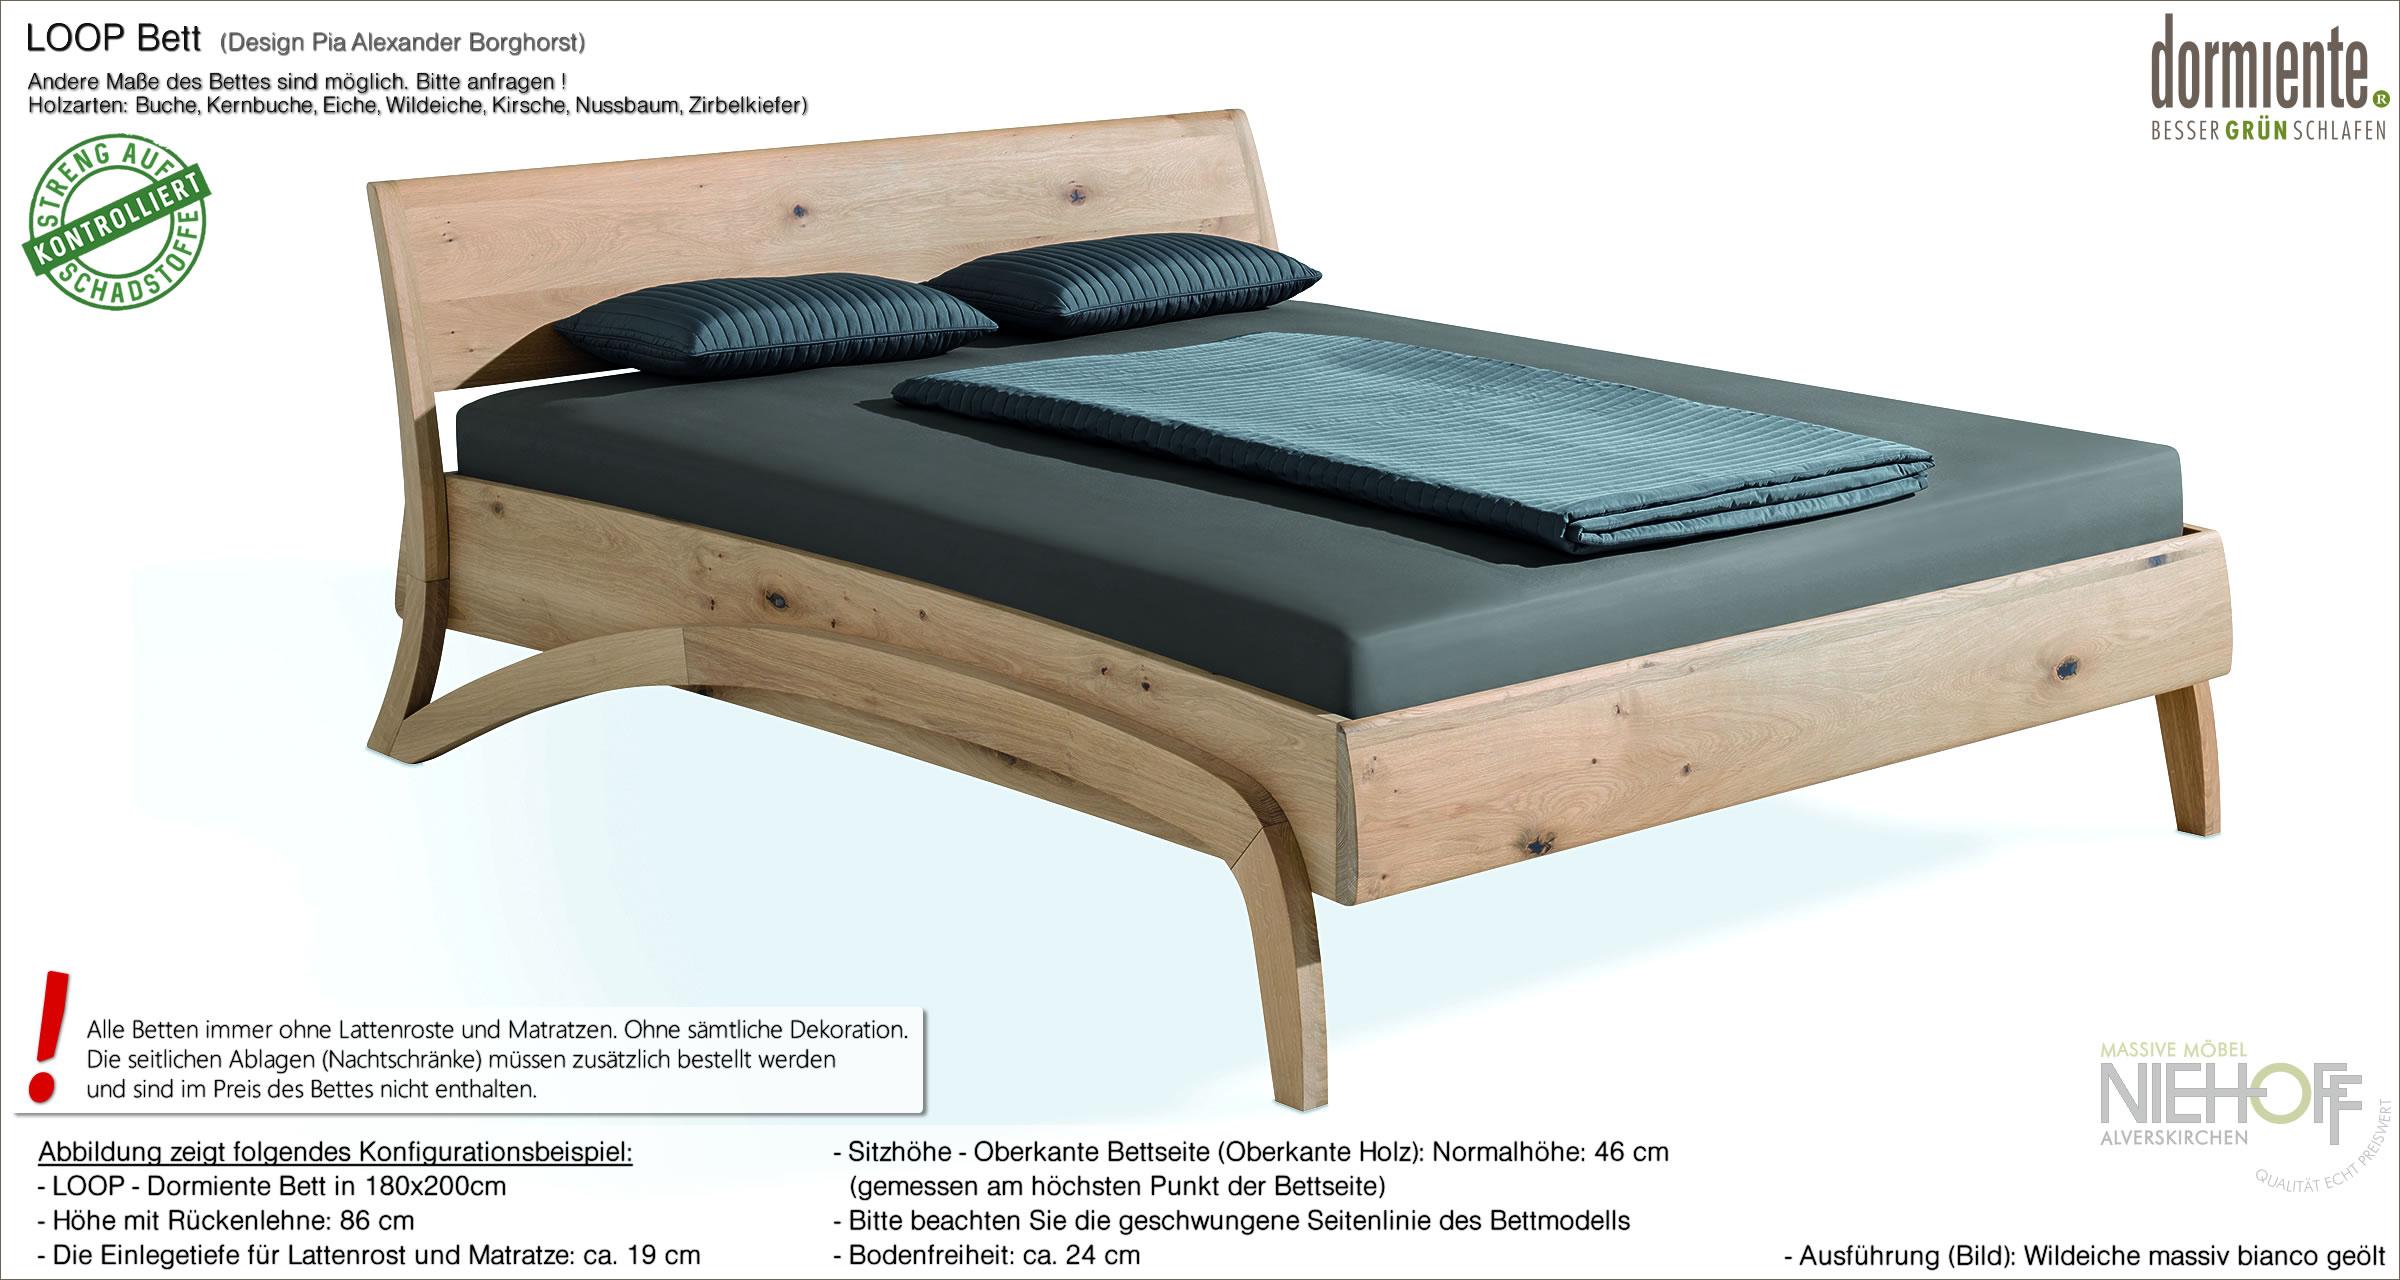 Full Size of Bett Design Holz Betten Massivholz Schlicht Loop Mit Leichter Und Zeitloser Form Seiner Geschwungenen Balken Wickelbrett Für Fliesen In Holzoptik Bad Jugend Wohnzimmer Bett Design Holz